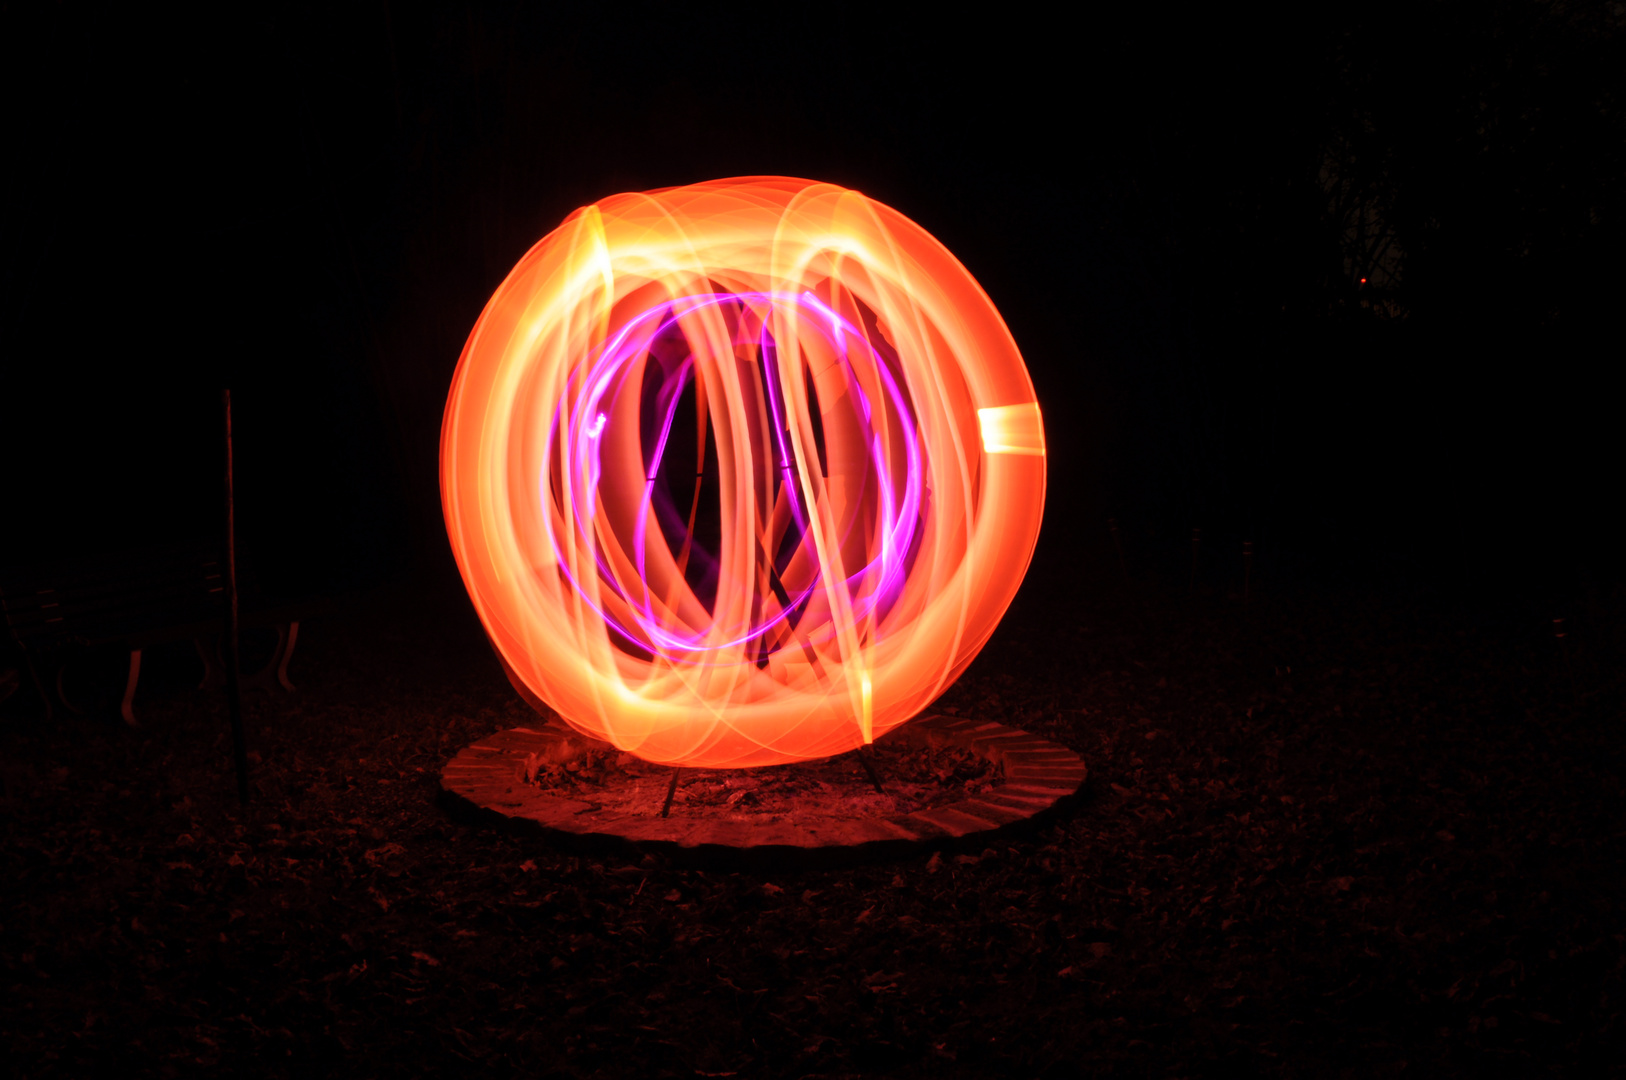 Kalte Fusion in der Feuerstelle Teil 2